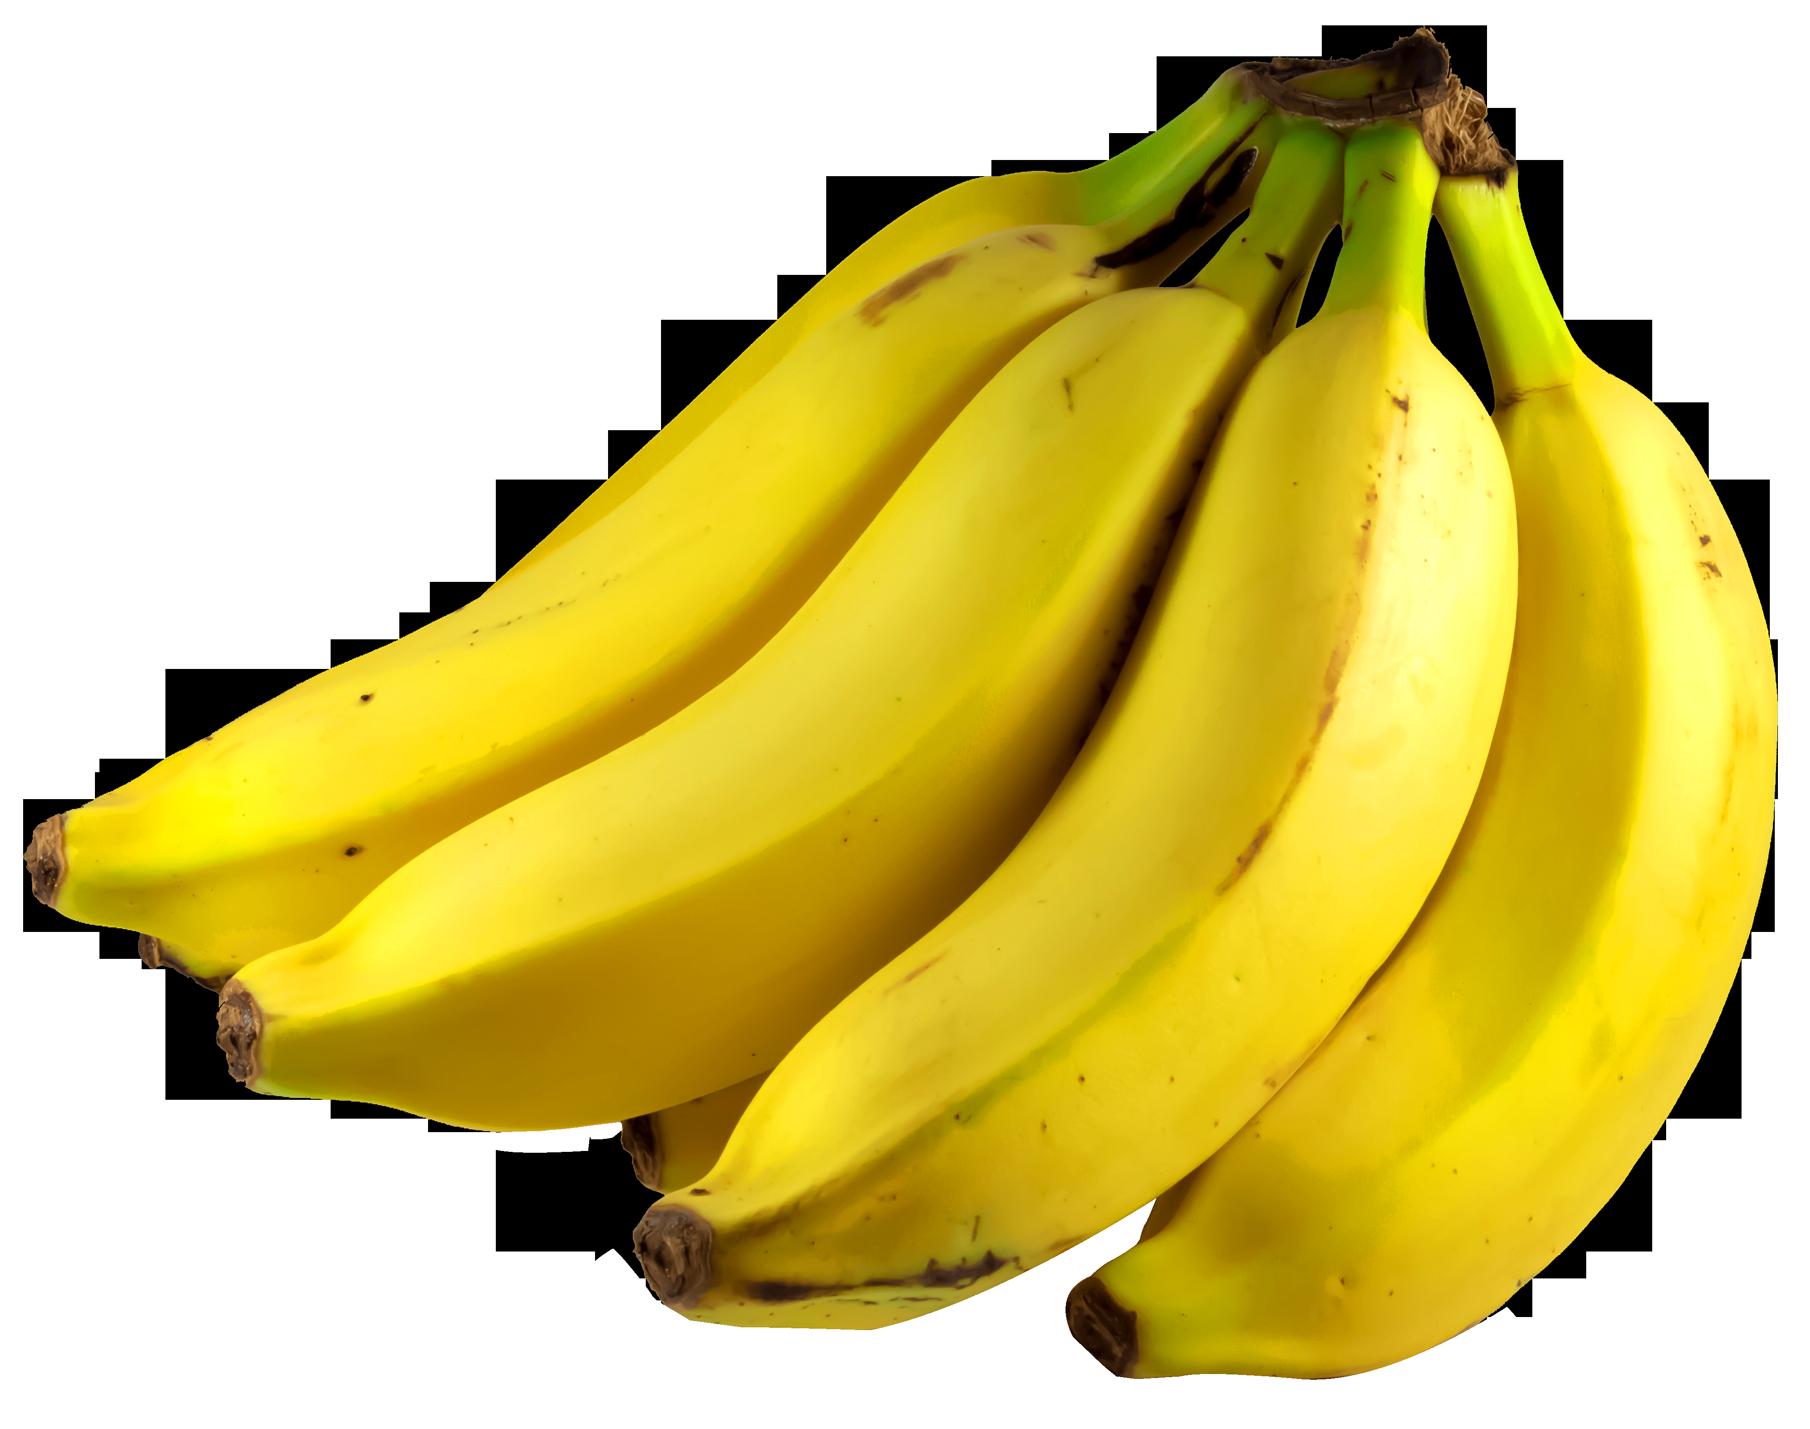 Bunch of Bananas PNG image - Banana PNG